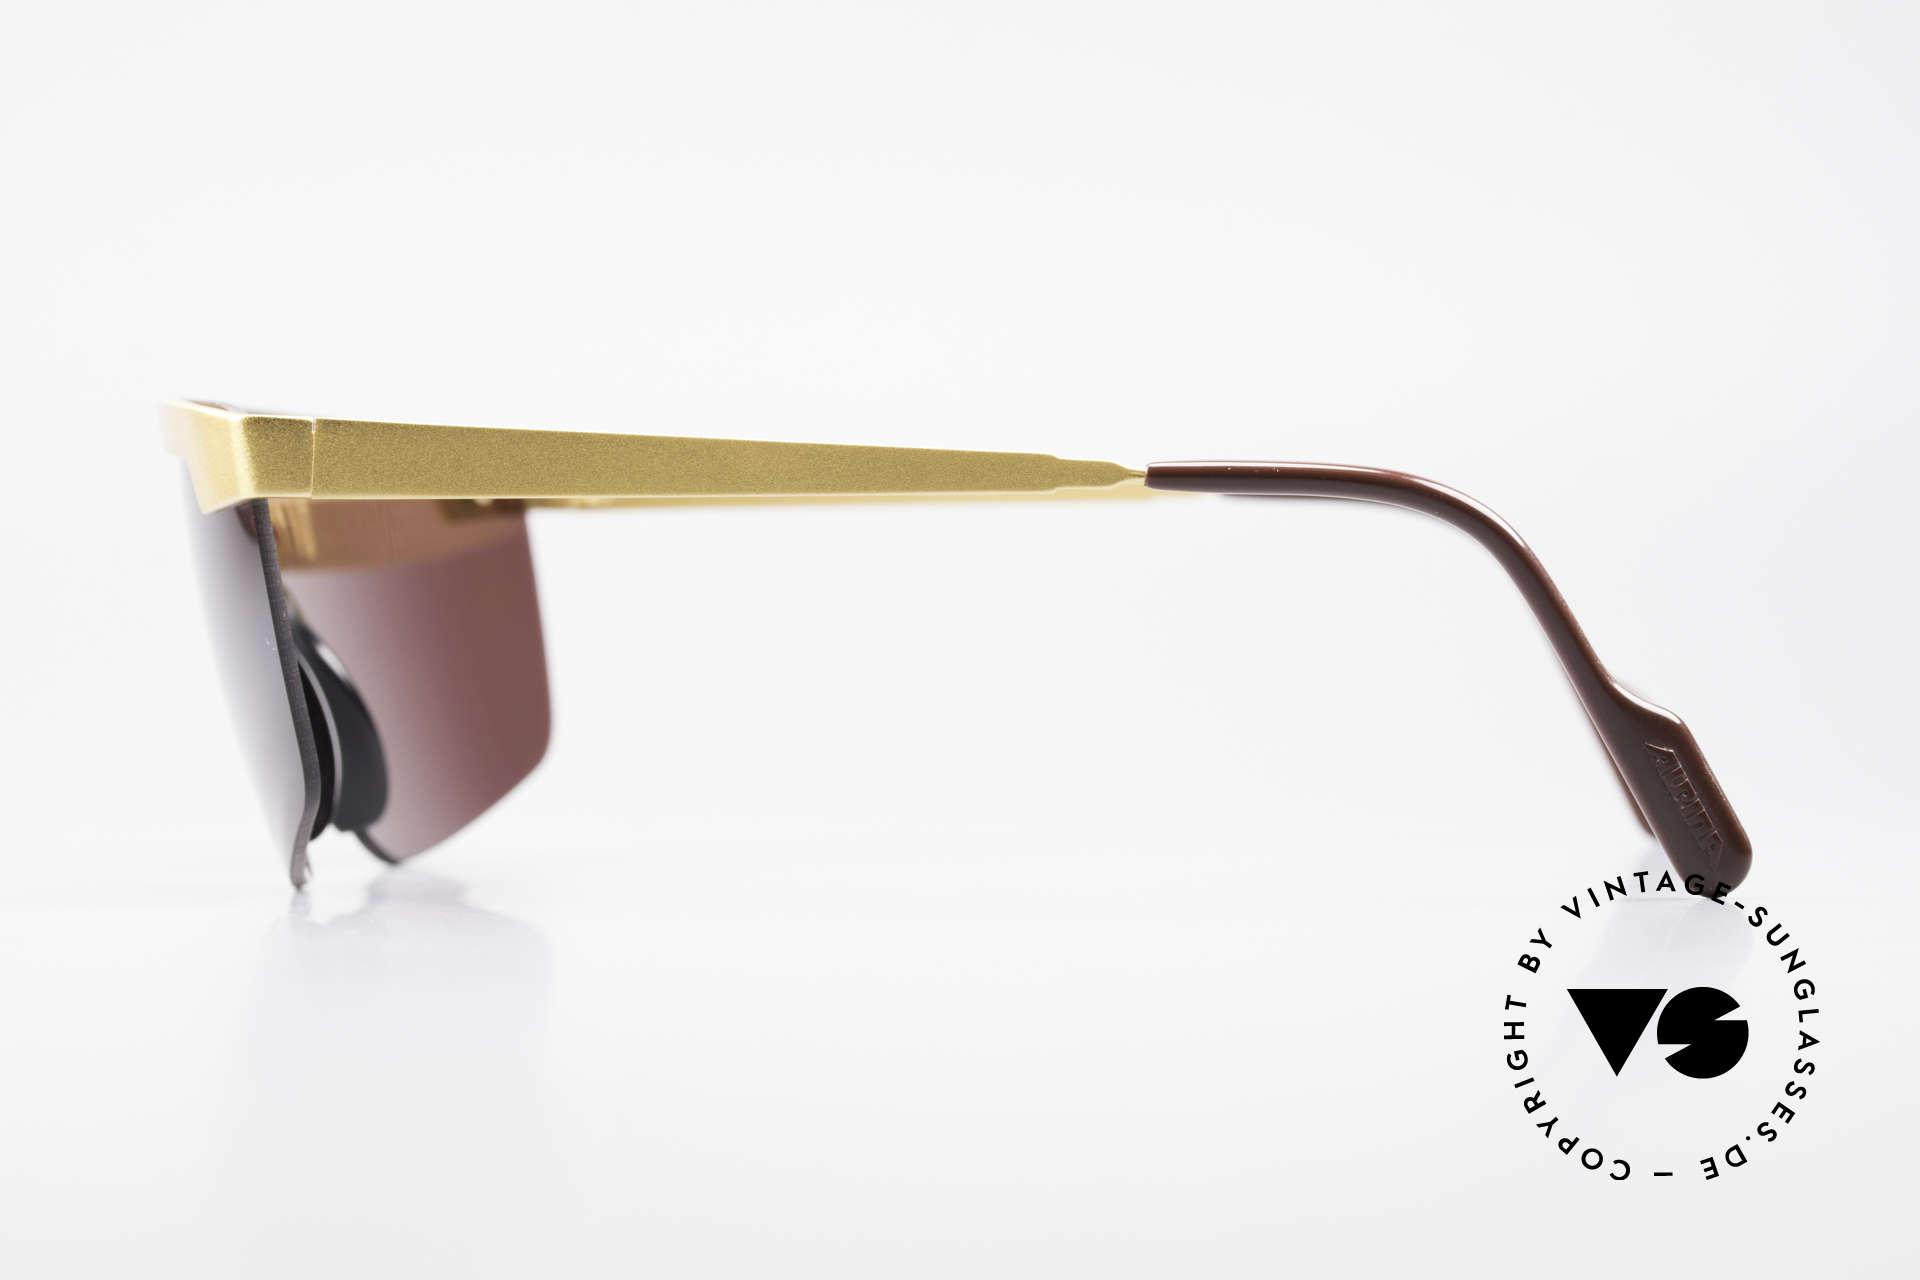 Alpina M57 Vintage Brille Panorama View, ungetragen (wie all unsere Alpina Sonnenbrillen), Passend für Herren und Damen